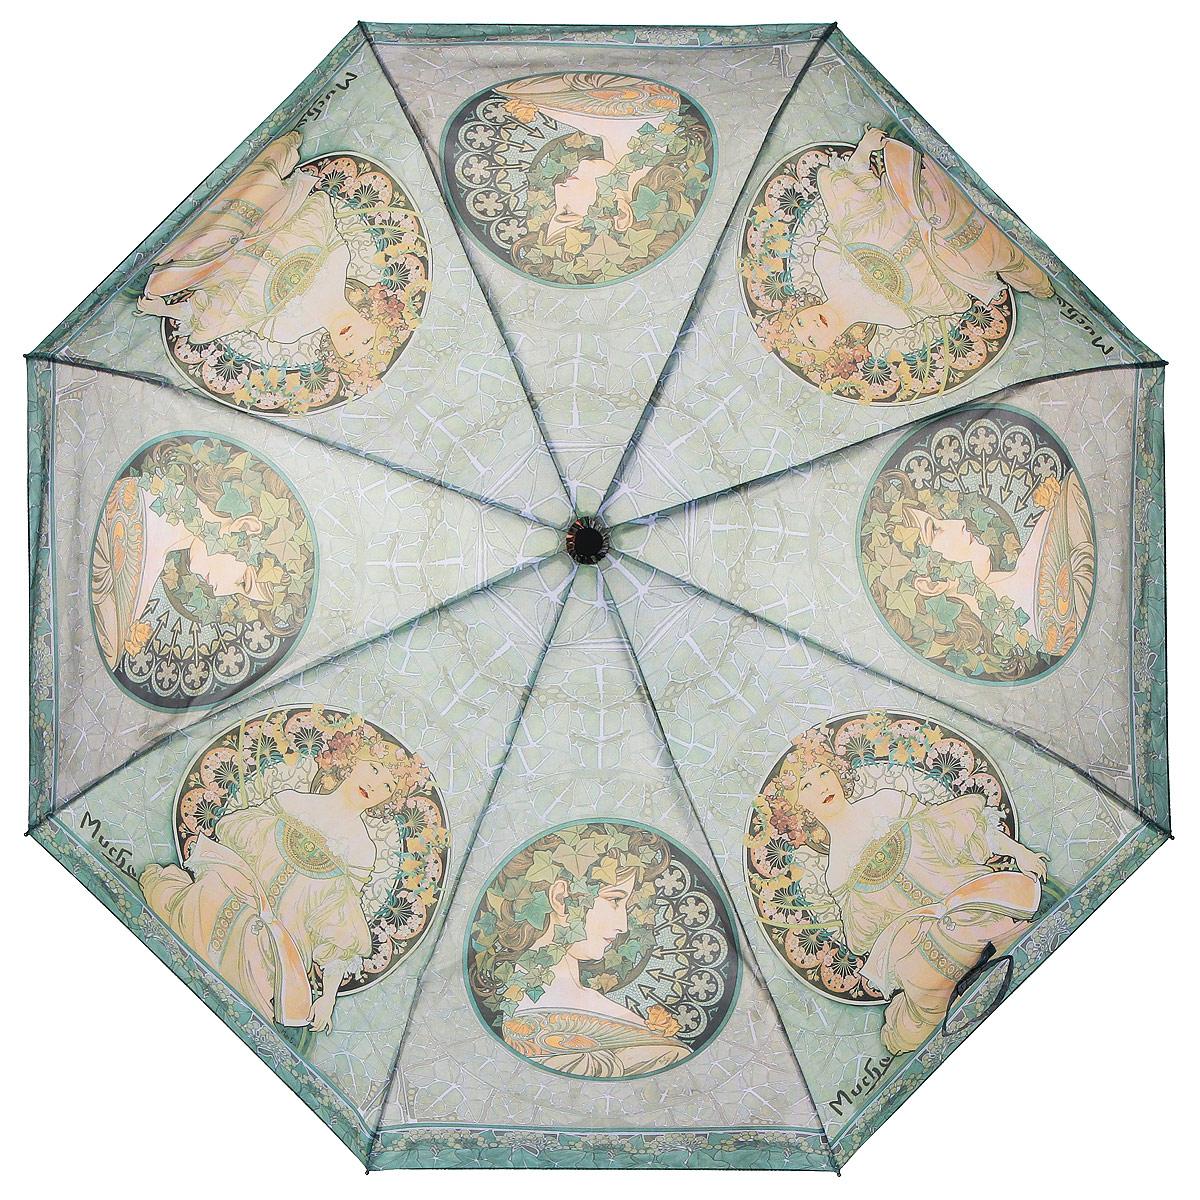 Зонт Задумчивость, автомат, 3 сложения. 1038-291038-29Стильный автоматический зонт Задумчивость поднимет настроение в ненастную погоду. Каркас зонта состоит из стержня и 8 спиц, выполненных из металла. Купол зонта, изготовленный из полиэстера с водоотталкивающей пропиткой, оформлен изображением девушек и цветов в стиле арт-нуво по мотивам картин Альфонса Мухи. Зонт оснащен удобной рукояткой из прорезиненного пластика с текстильным шнурком. Зонт имеет полный автоматический механизм сложения: купол открывается и закрывается нажатием кнопки на рукоятке, стержень складывается вручную до характерного щелчка. Такой зонт не только надежно защитит вас от дождя, но и станет стильным аксессуаром, который выделит вас из толпы. К зонту прилагается чехол. Длина стержня (в раскрытом виде): 53 см.